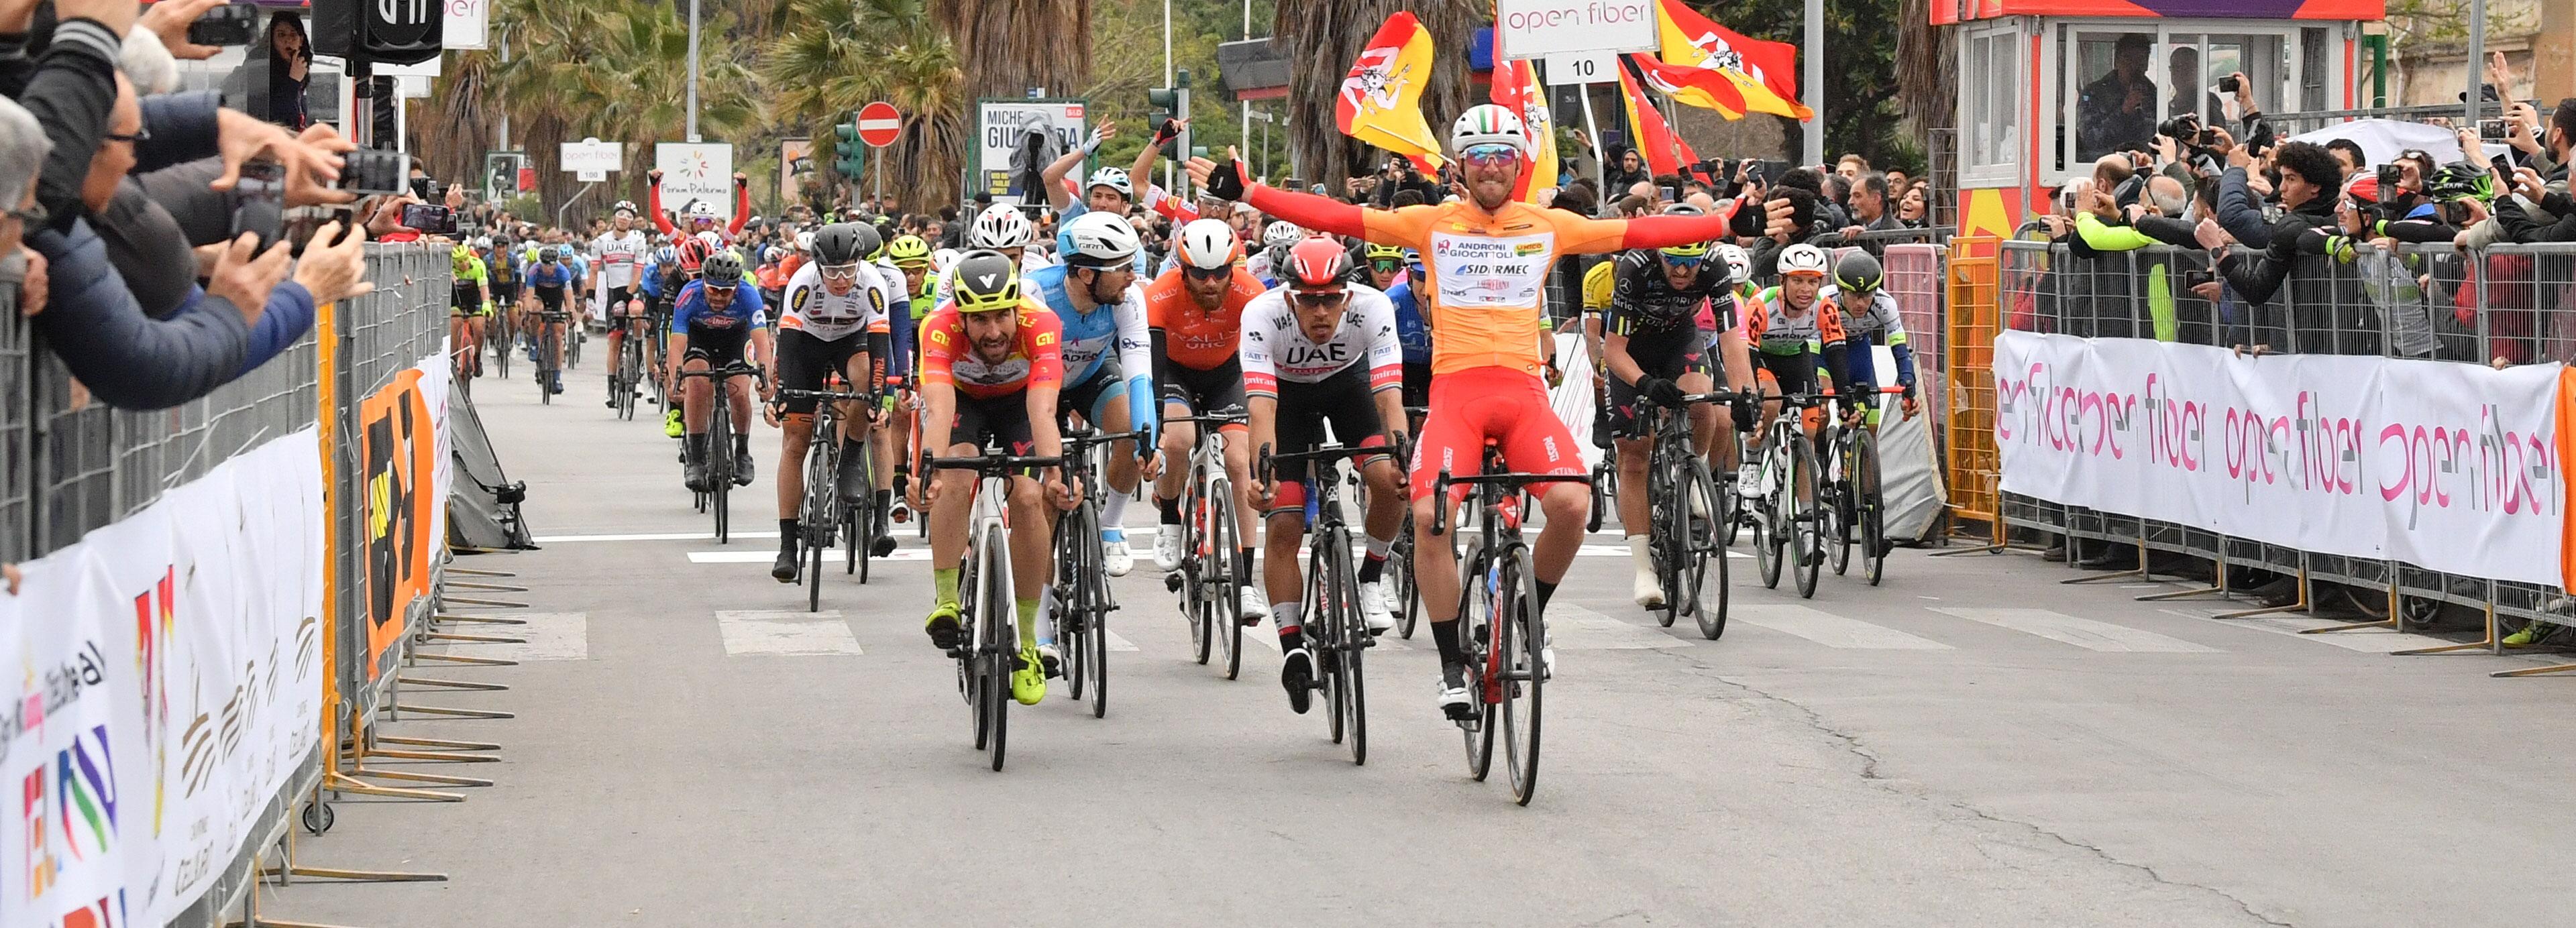 Belletti vince la seconda tappa de Il Giro di Sicilia Open Fiber 2019